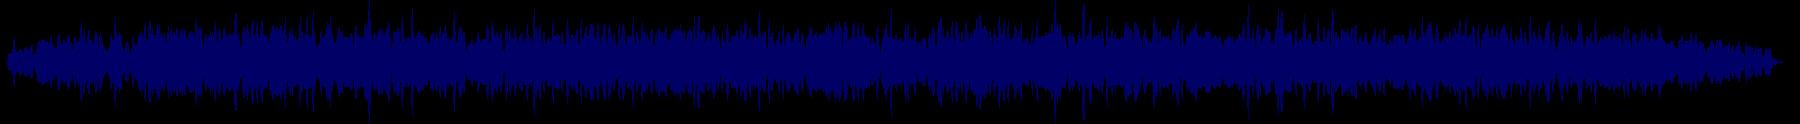 waveform of track #66614